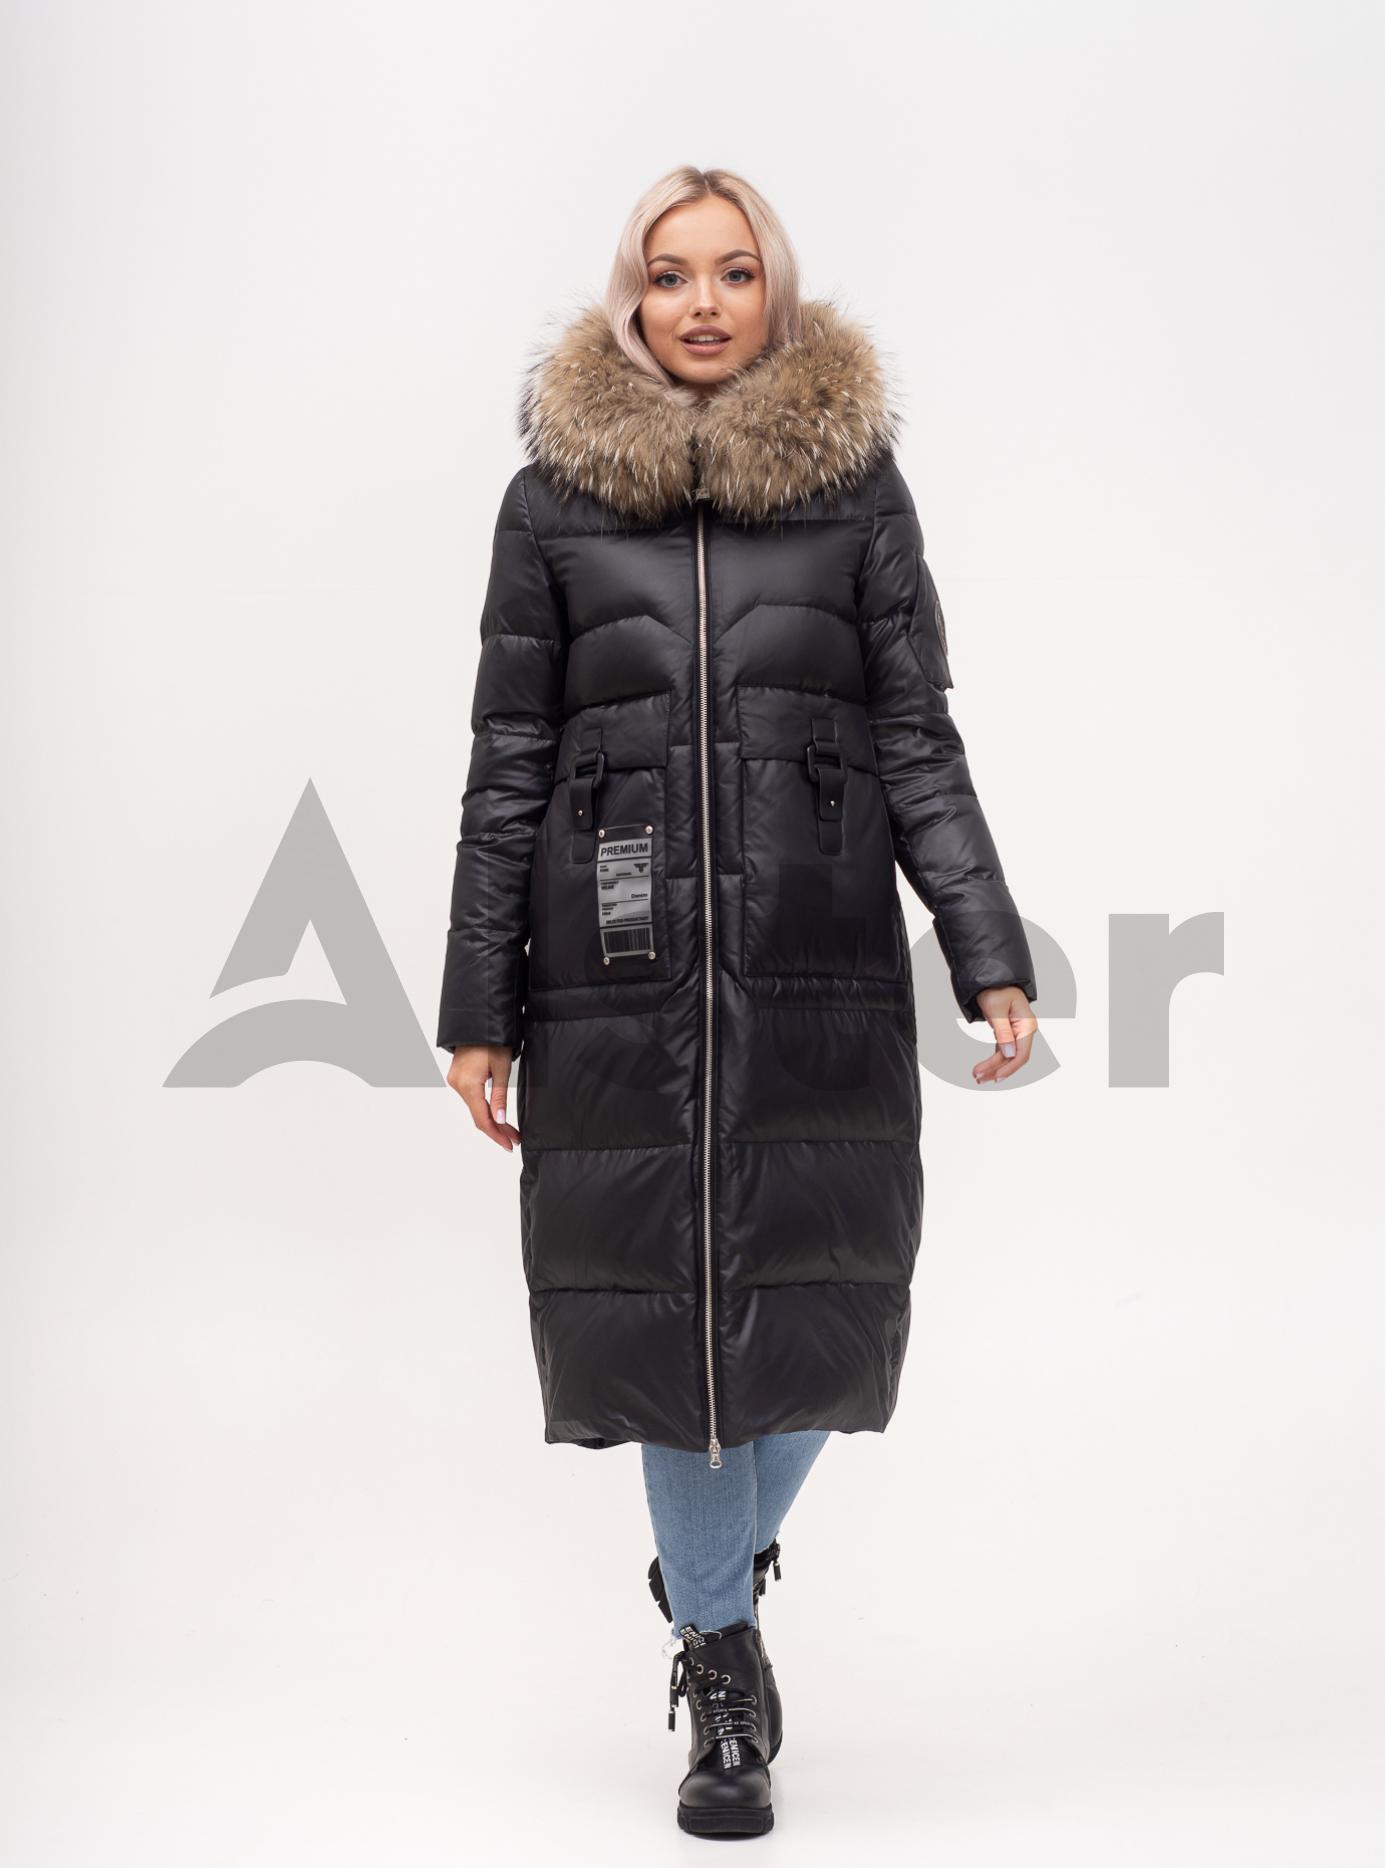 Пуховик зимний длинный с мехом енота Светло-коричневый S (01-210177): фото - Alster.ua